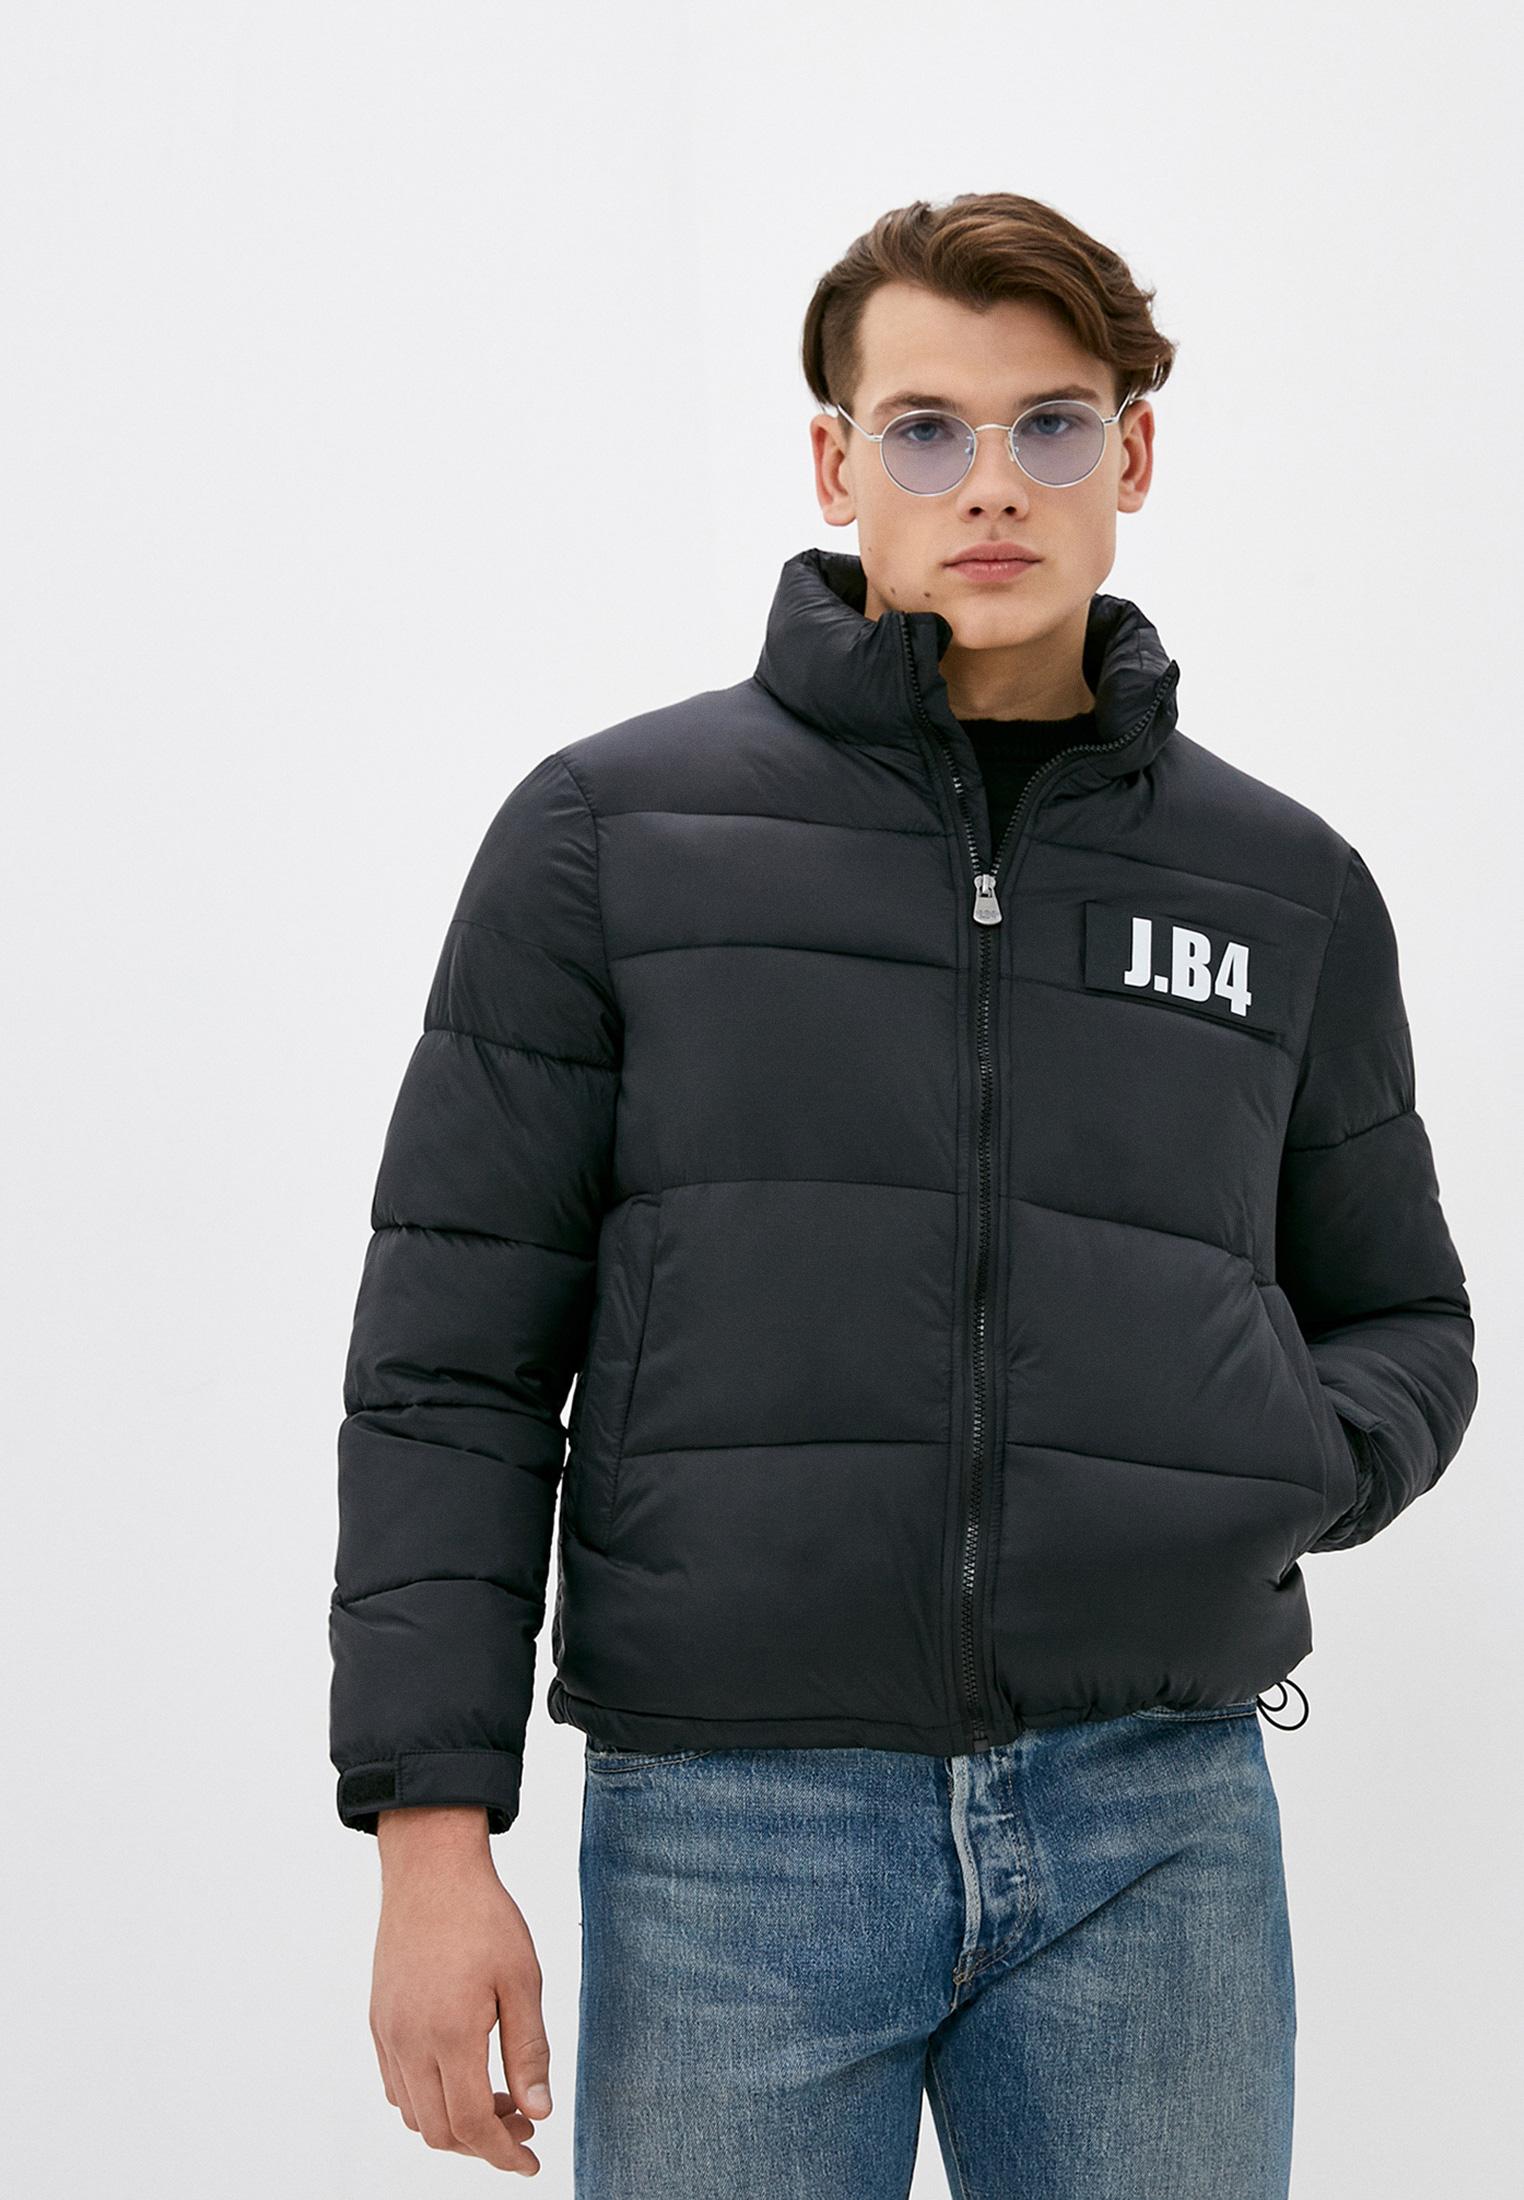 Куртка J.B4 J.B4-MH01302